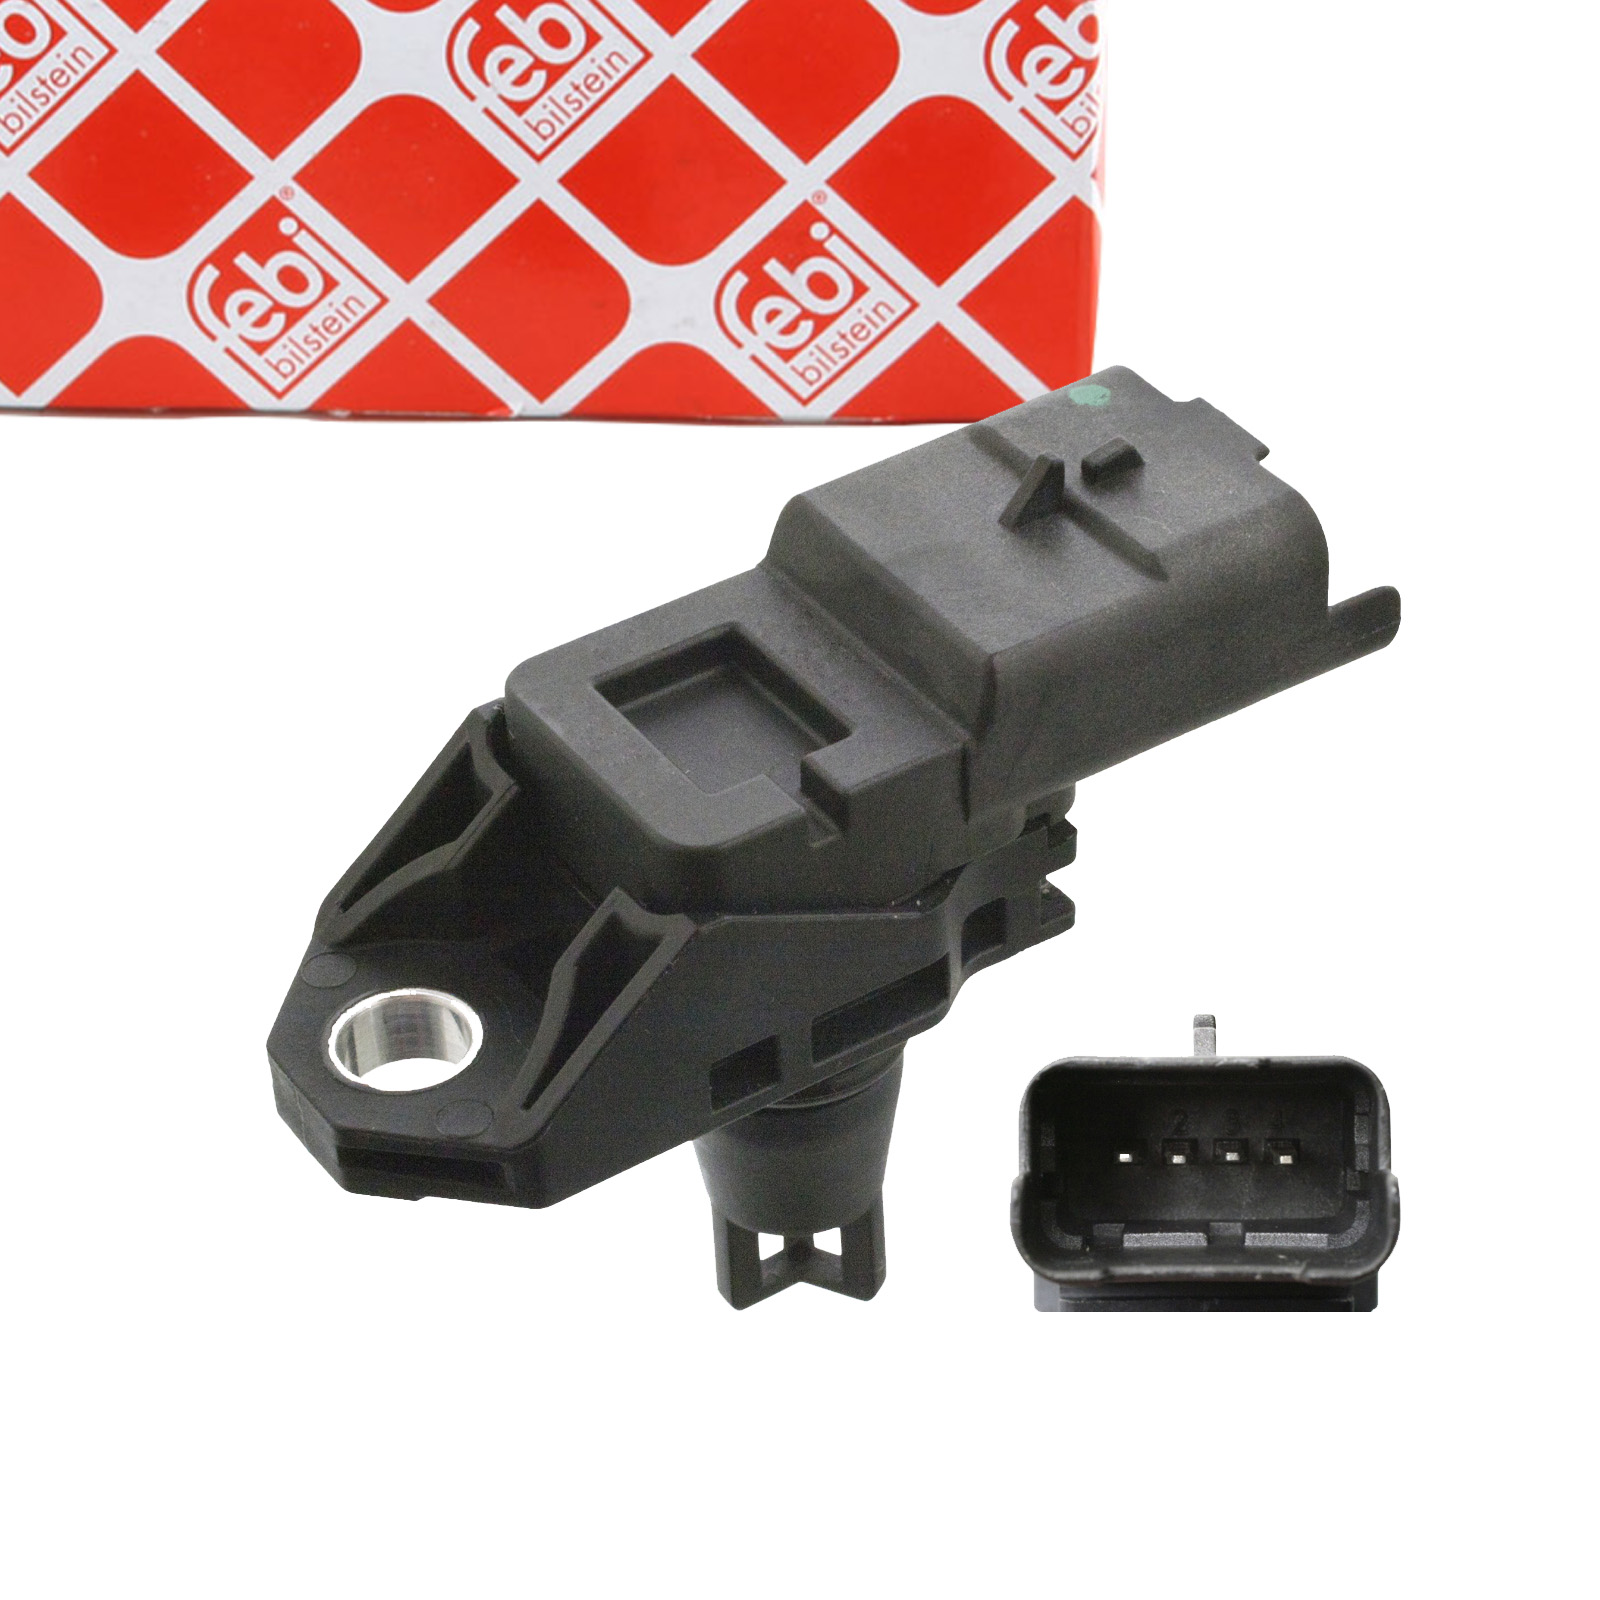 FEBI 106021 Saugrohrdrucksensor FORD C-Max 2 Fiesta 6 Kuga 1 2 VOLVO C30 S60 2 V60 V70 3